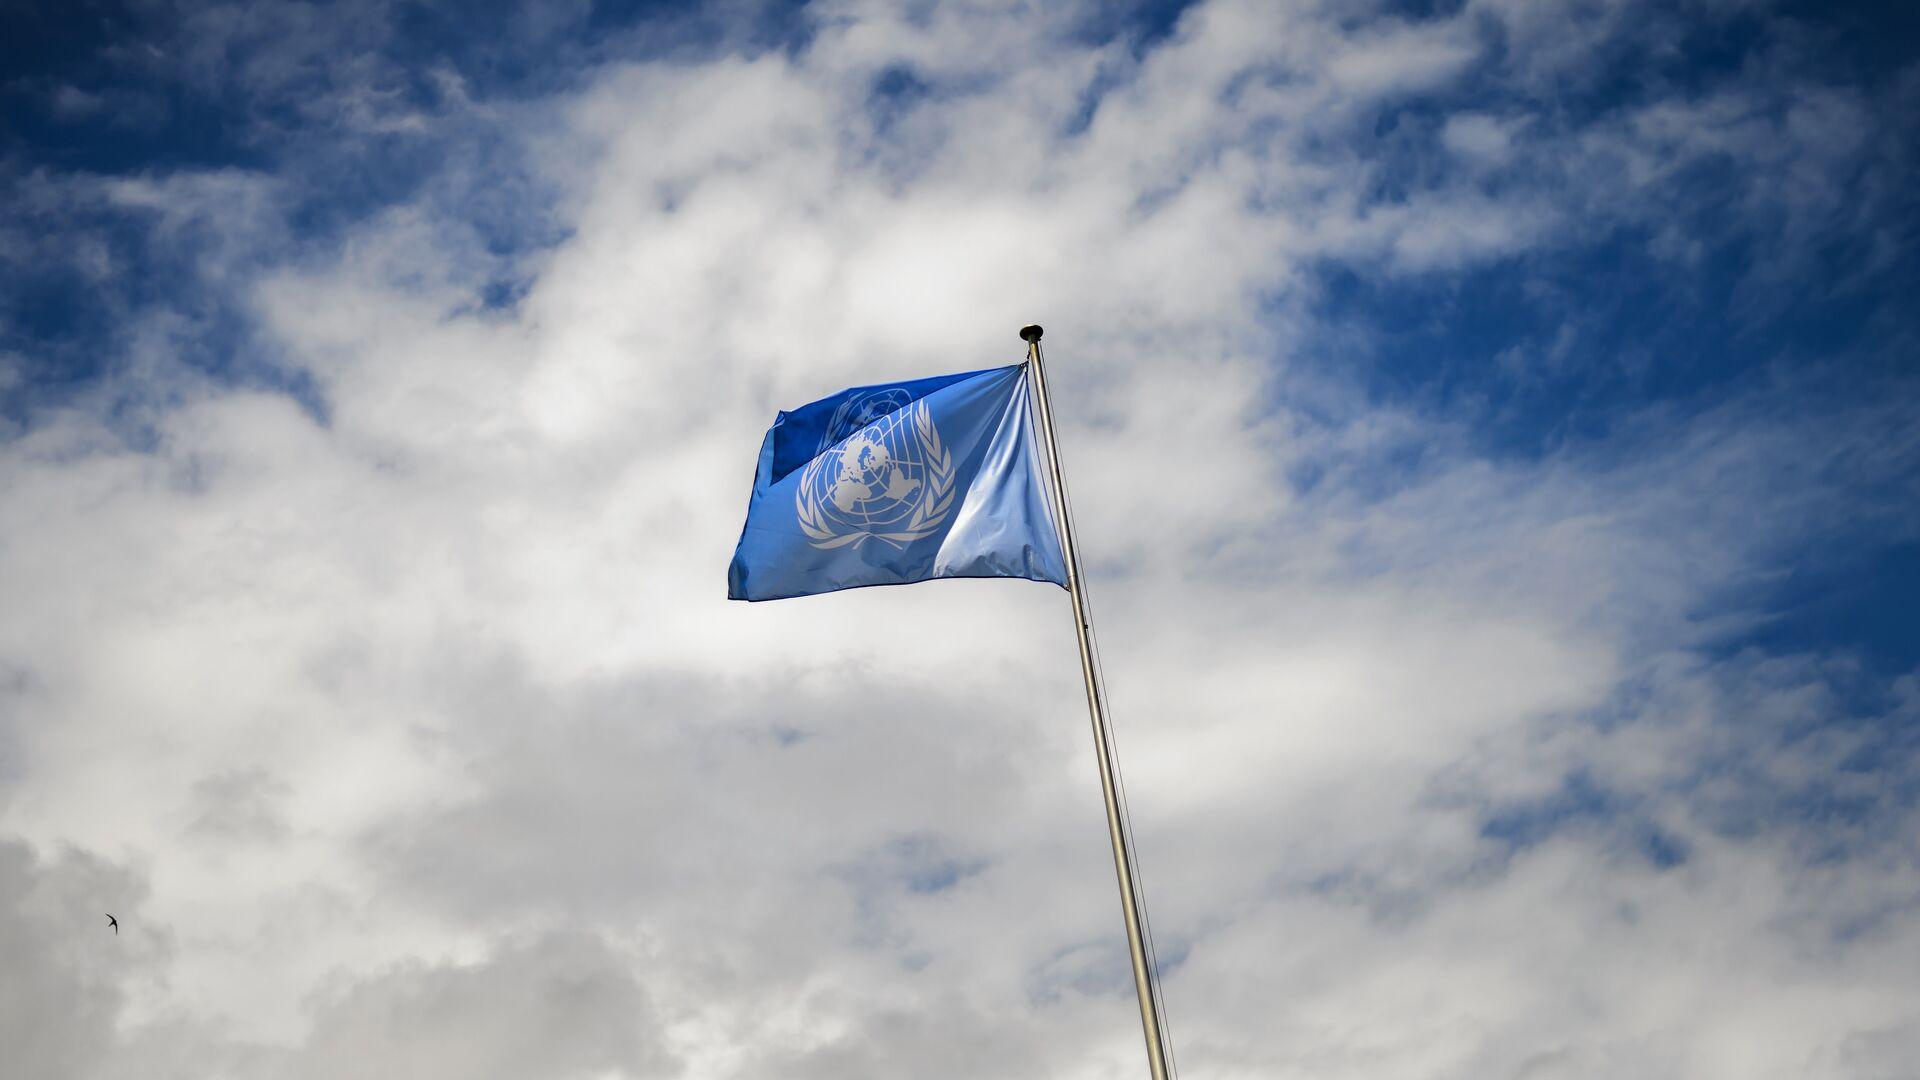 La bandera de la ONU - Sputnik Mundo, 1920, 26.03.2021